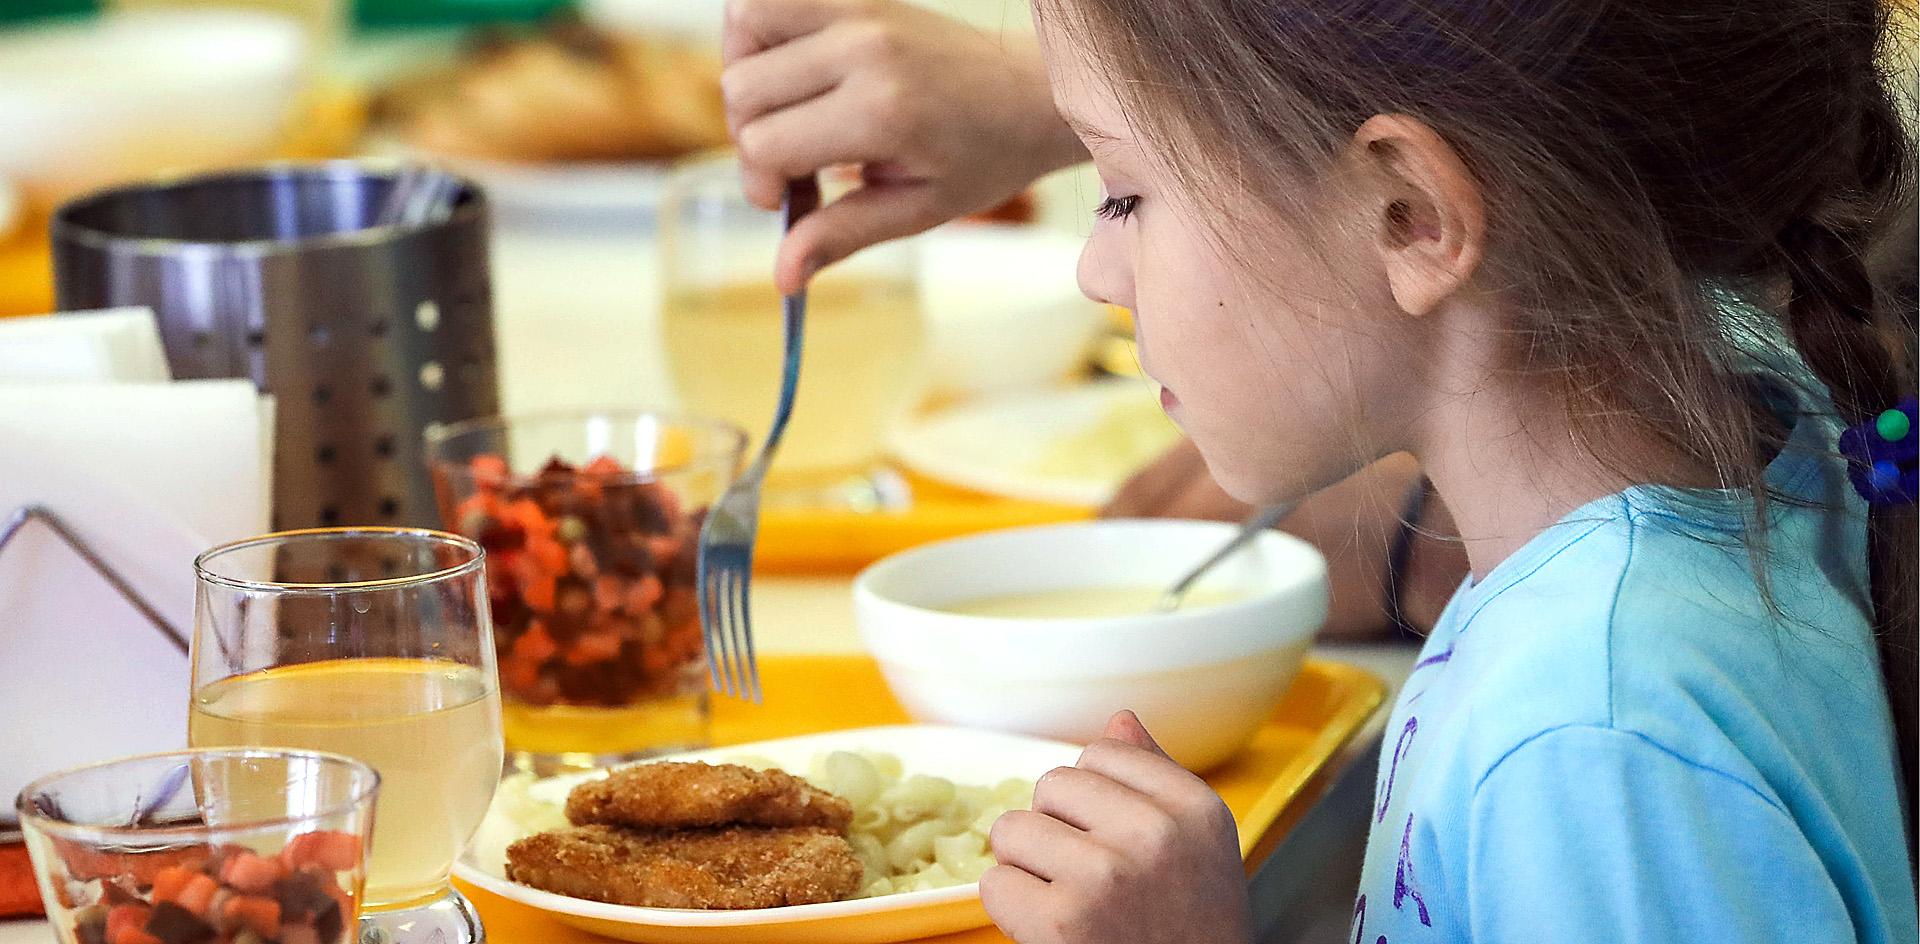 Картельное питание. Школьные пайки становятся криминальным бизнесом